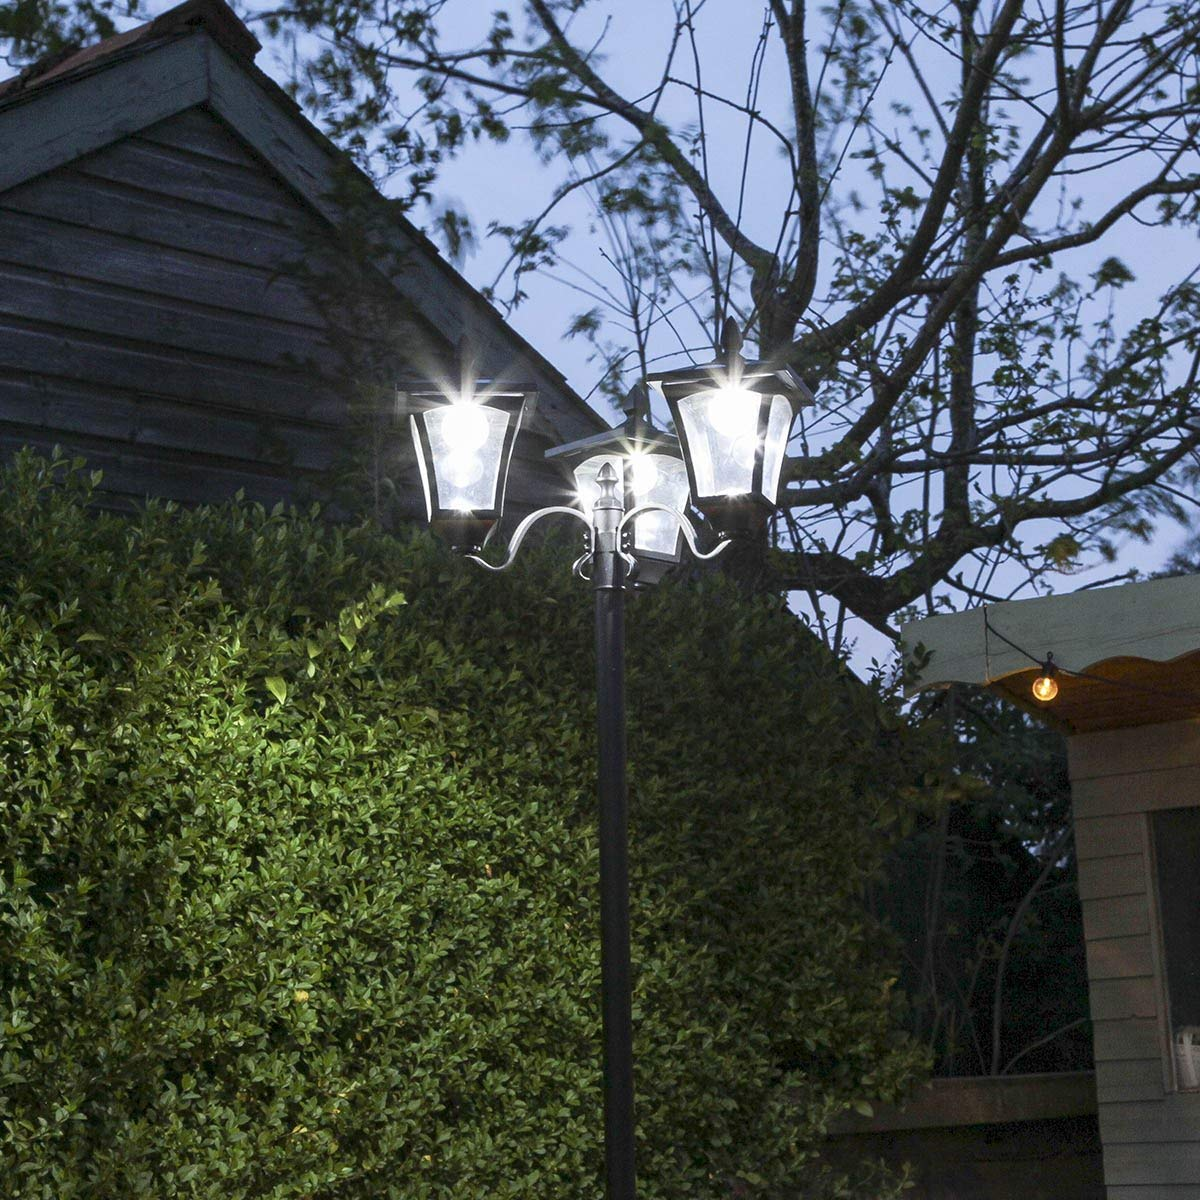 Comment Installer Un Eclairage Exterieur quelle ampoule led choisir pour un éclairage extérieur ?